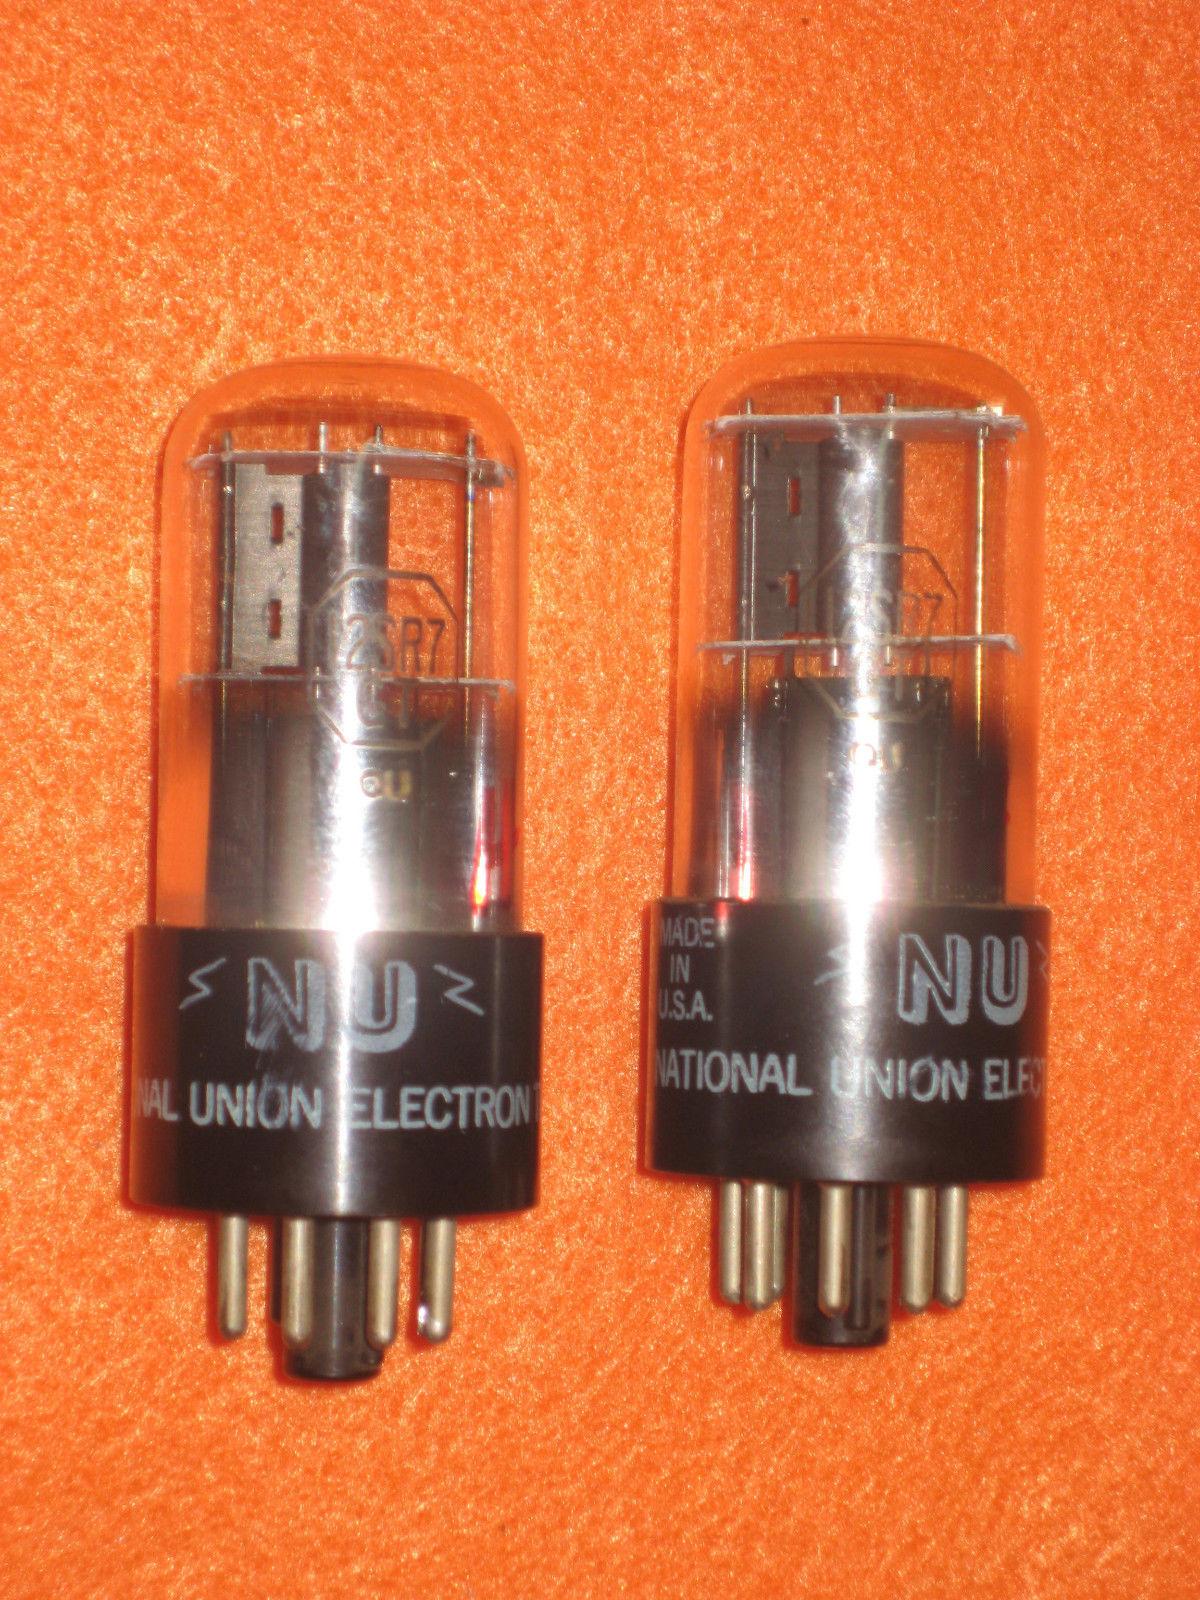 Vintage Radio Vacuum Tube (one): 12SR7 12SR7GT - Tested Good